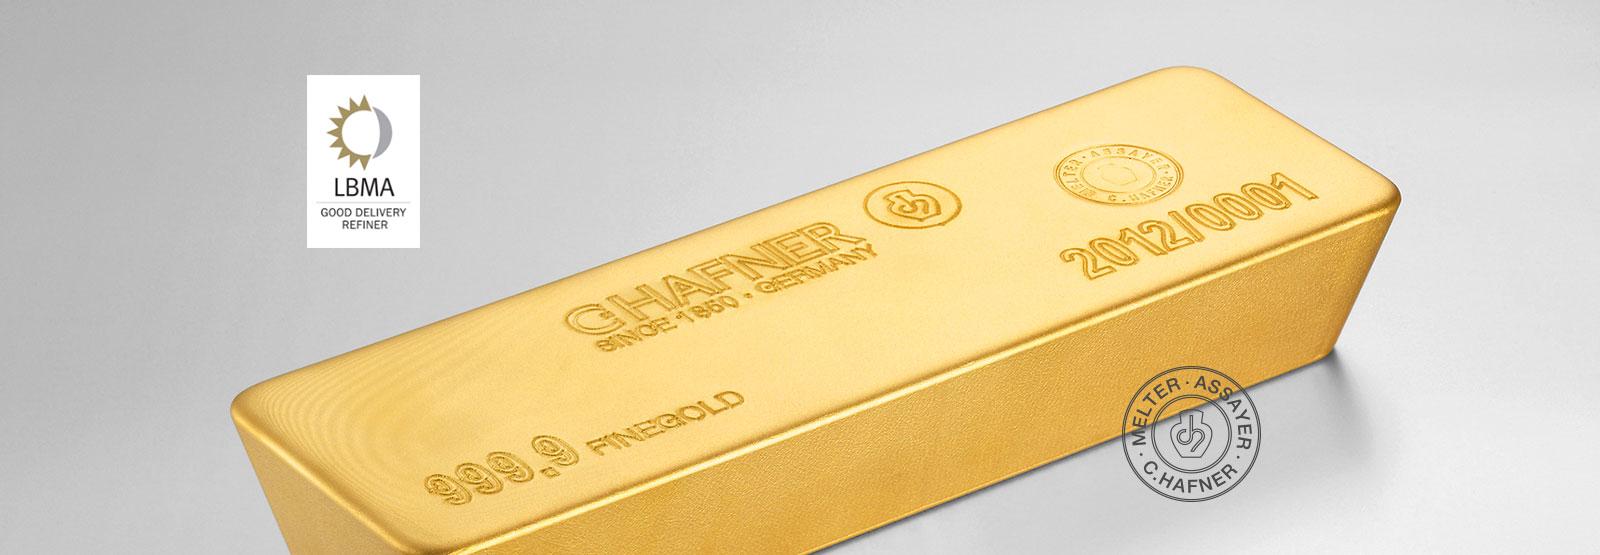 Goldbarren mit dem LBMA Zertifikat